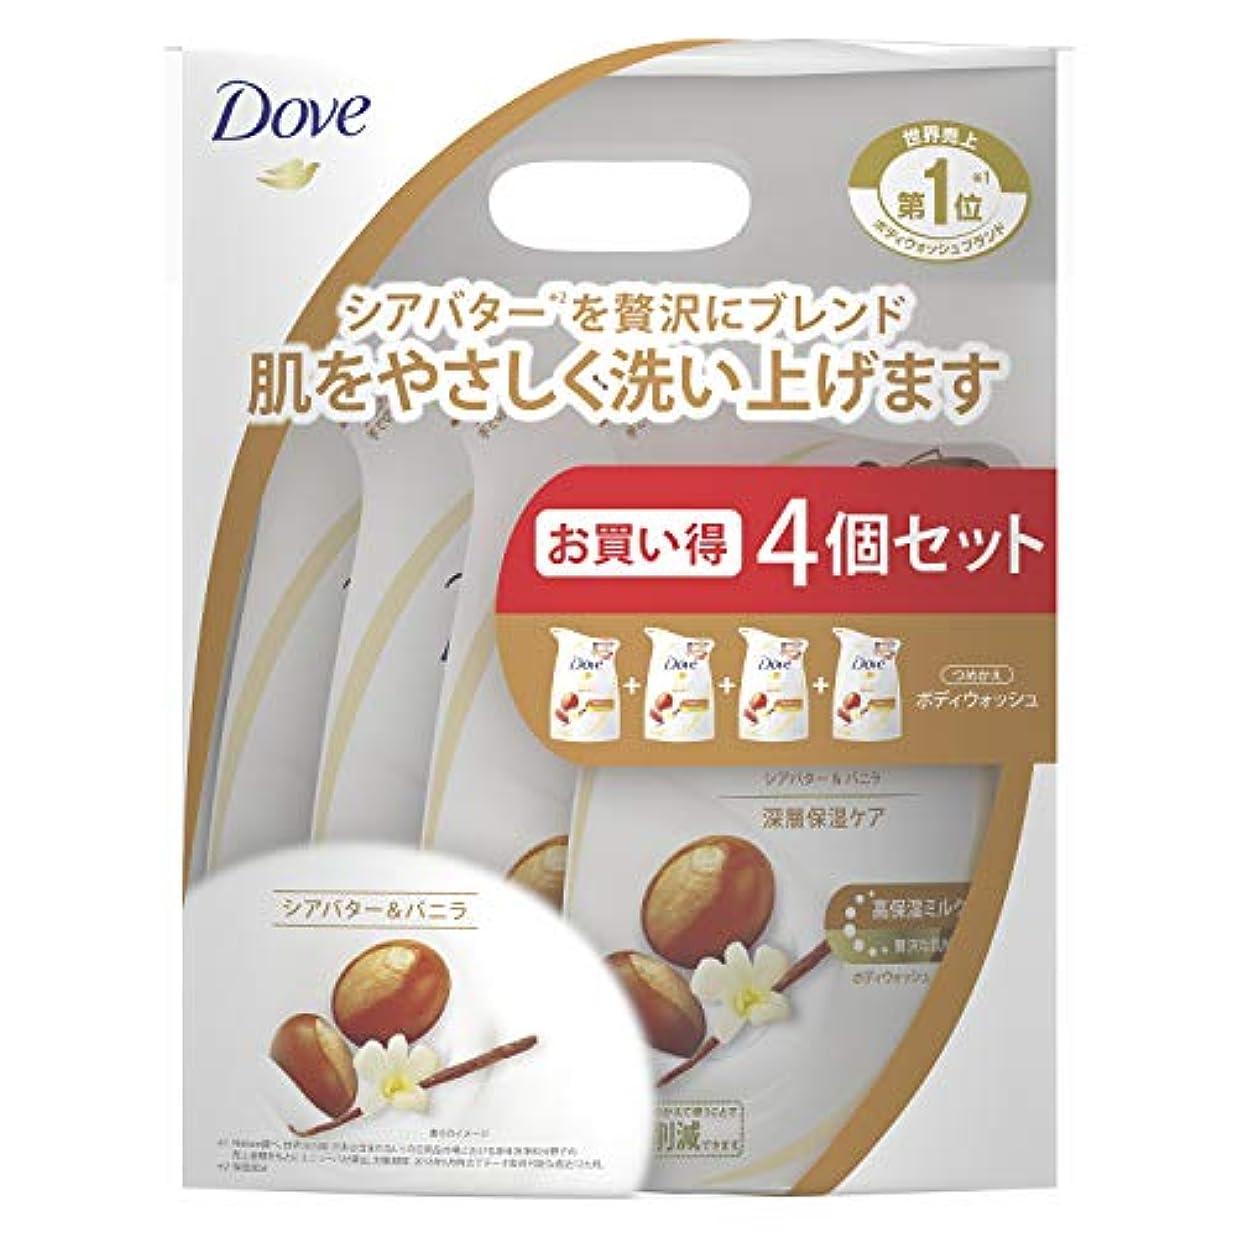 スプーンパントリー熟達Dove(ダヴ) ダヴ ボディウォッシュ リッチケア シアバター&バニラ つめかえ用 4個セット ボディソープ 詰替え 340g×4個